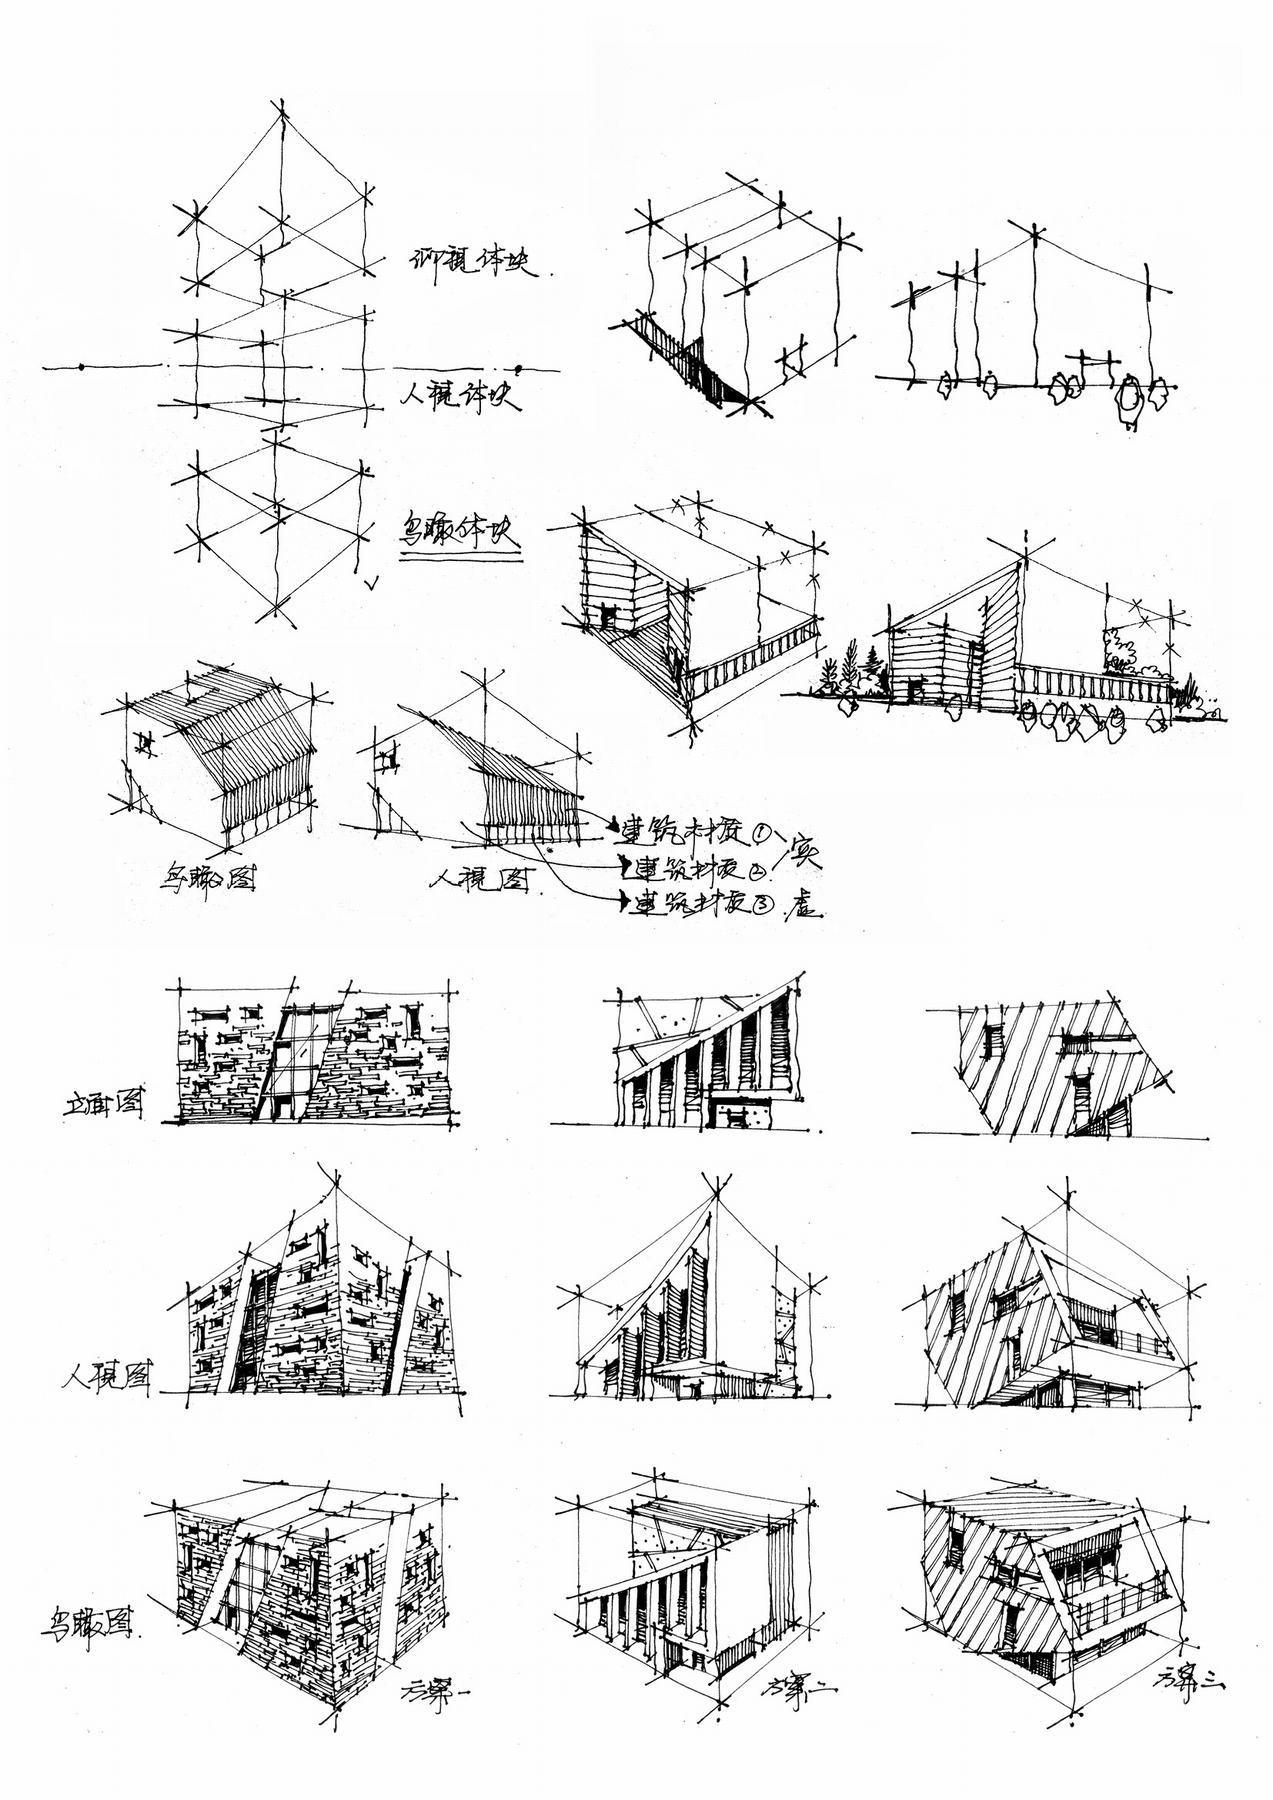 1)一点透视原理讲解 2)两点透视原理讲解 3)影响建筑体量,张力的不同